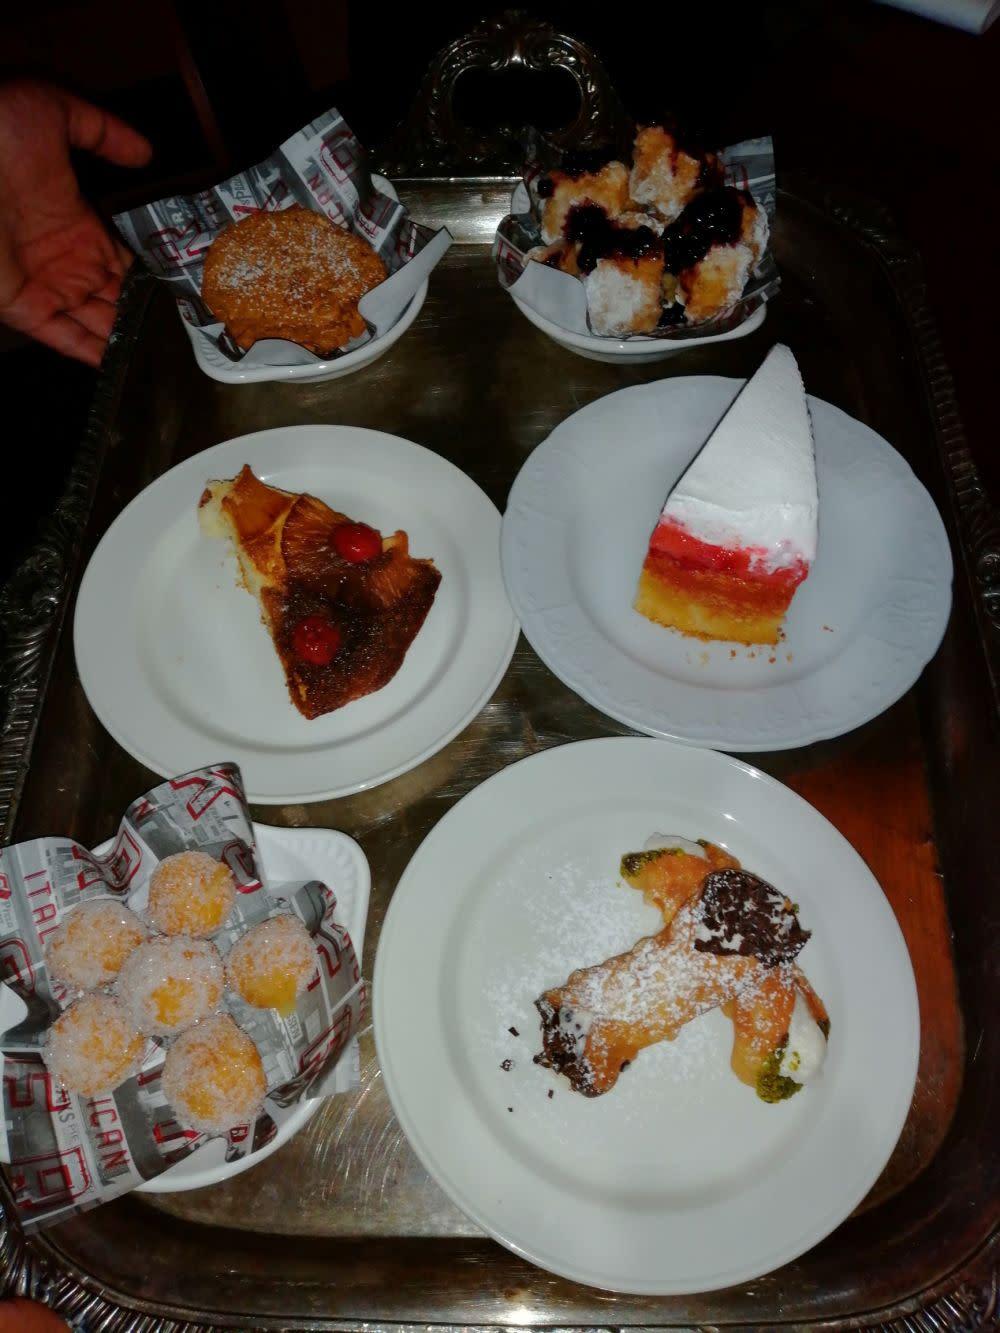 Dessert at Franks